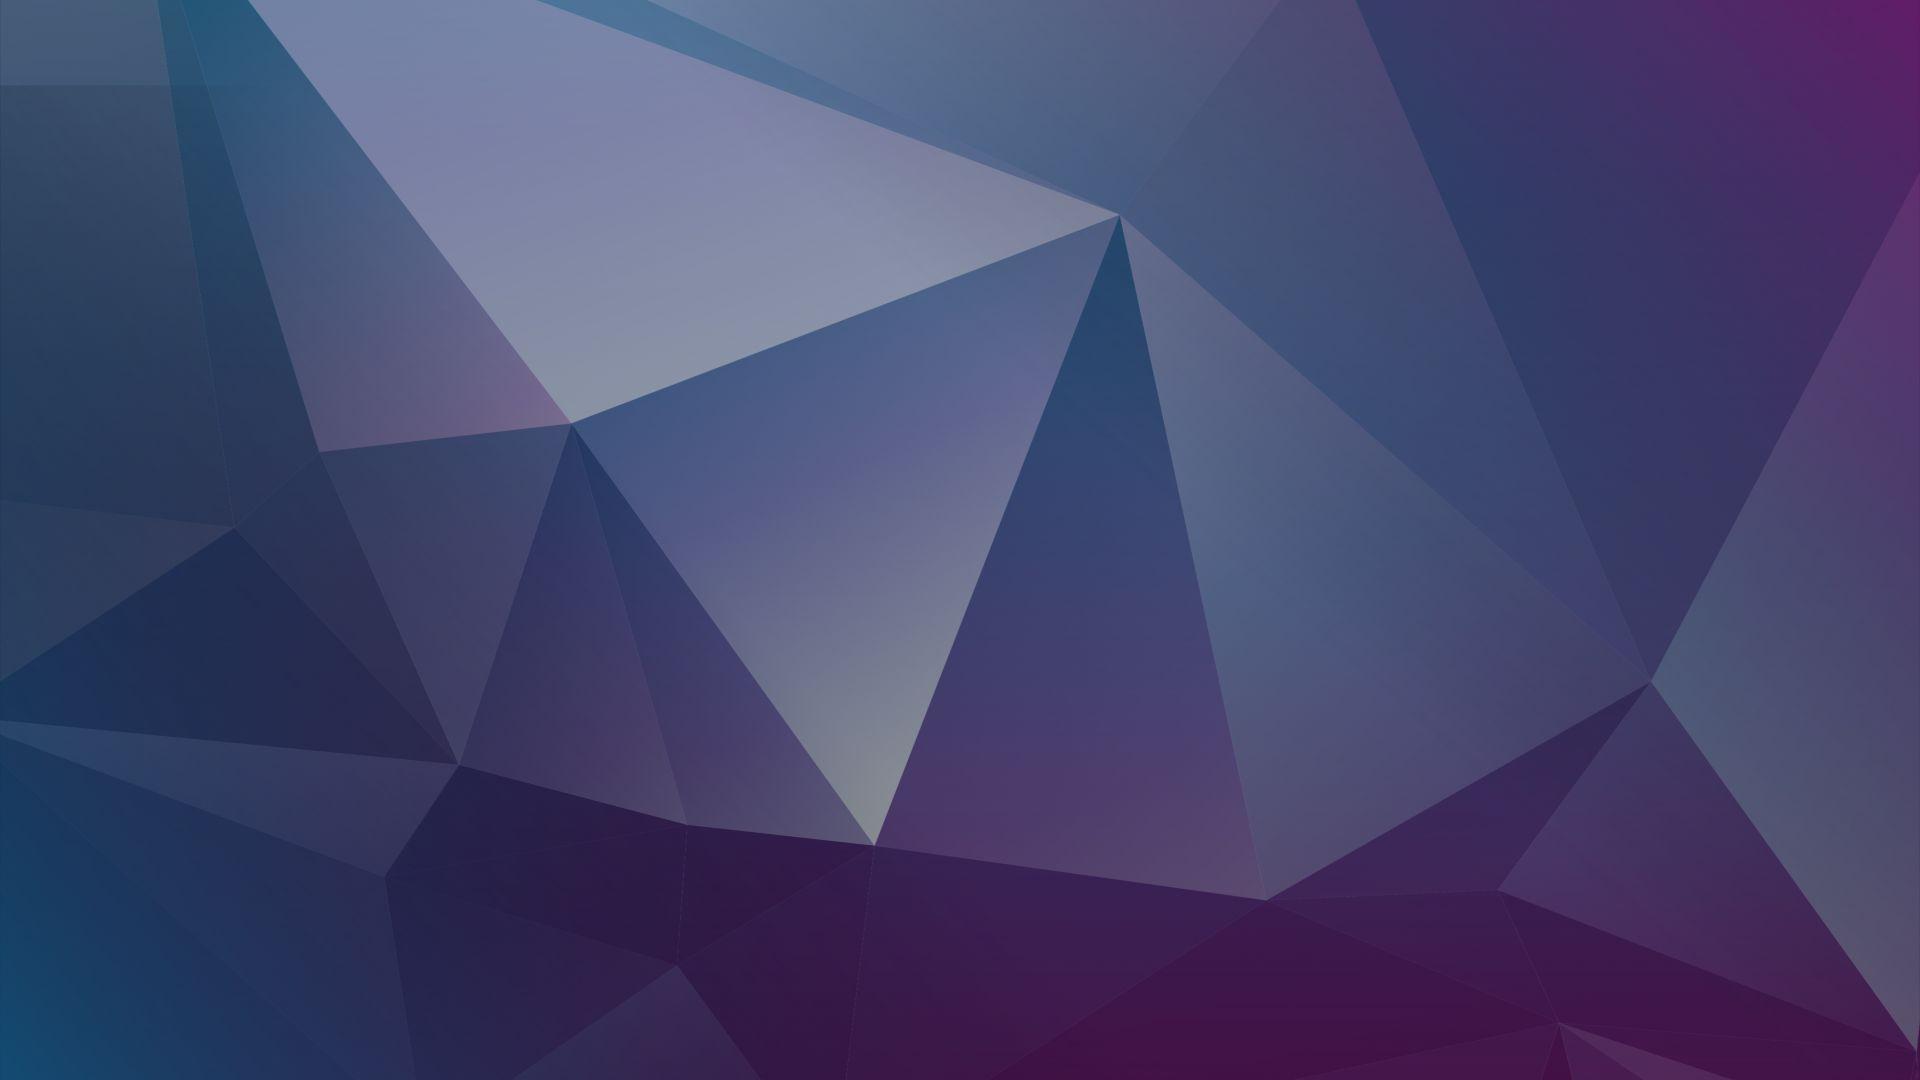 Wallpaper Lubuntu